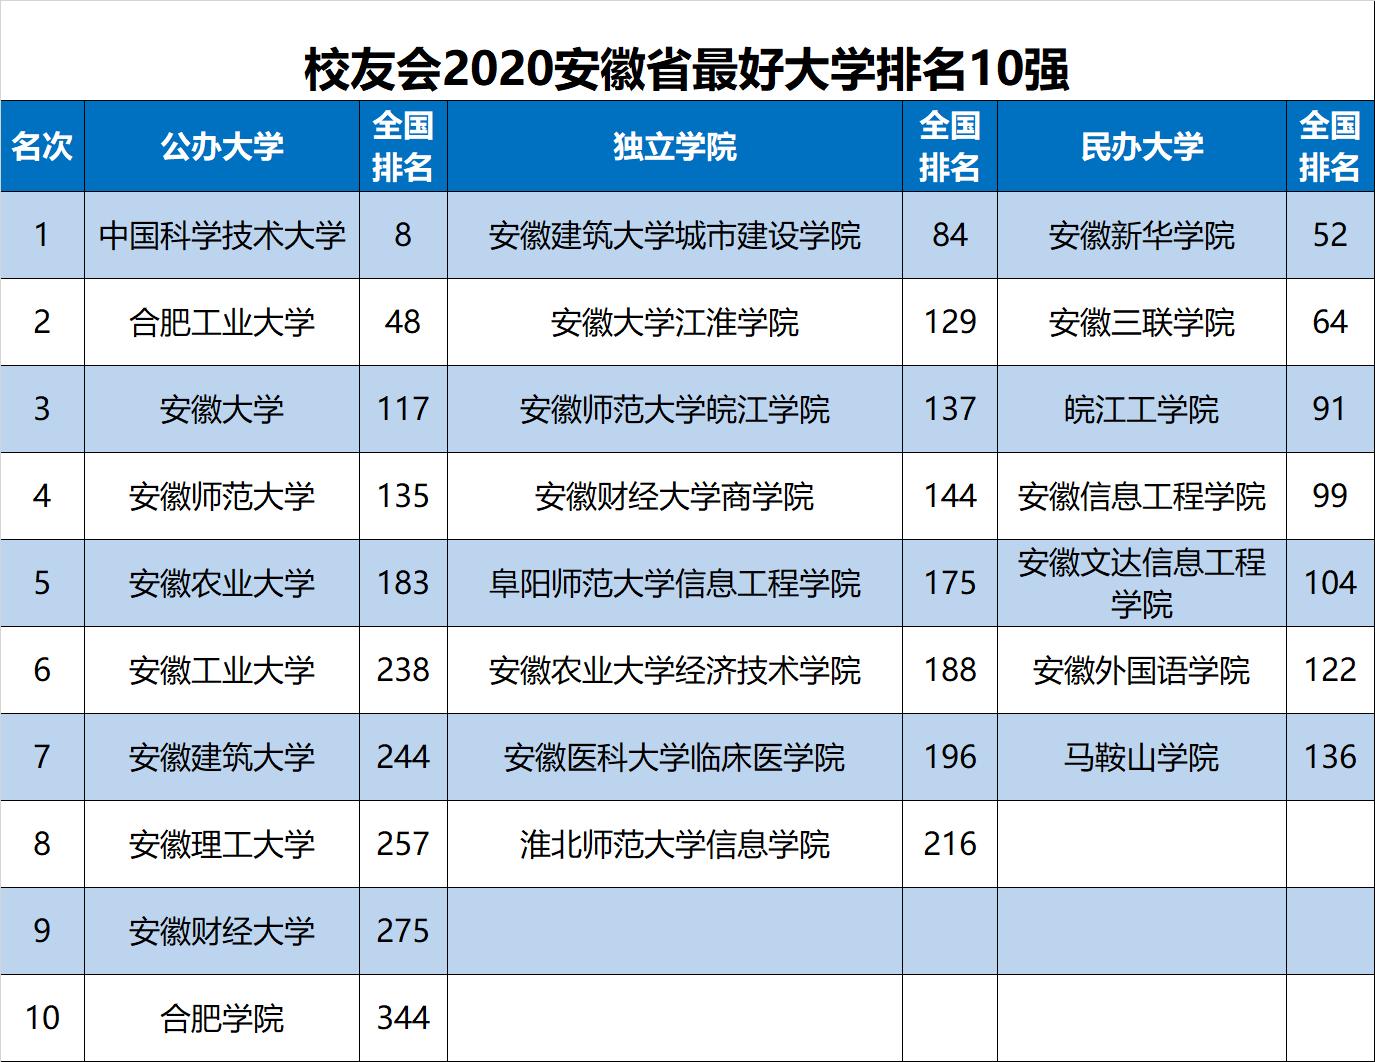 2020年安徽省本科排_2020年合肥市最好大学排名:安徽大学居第3名